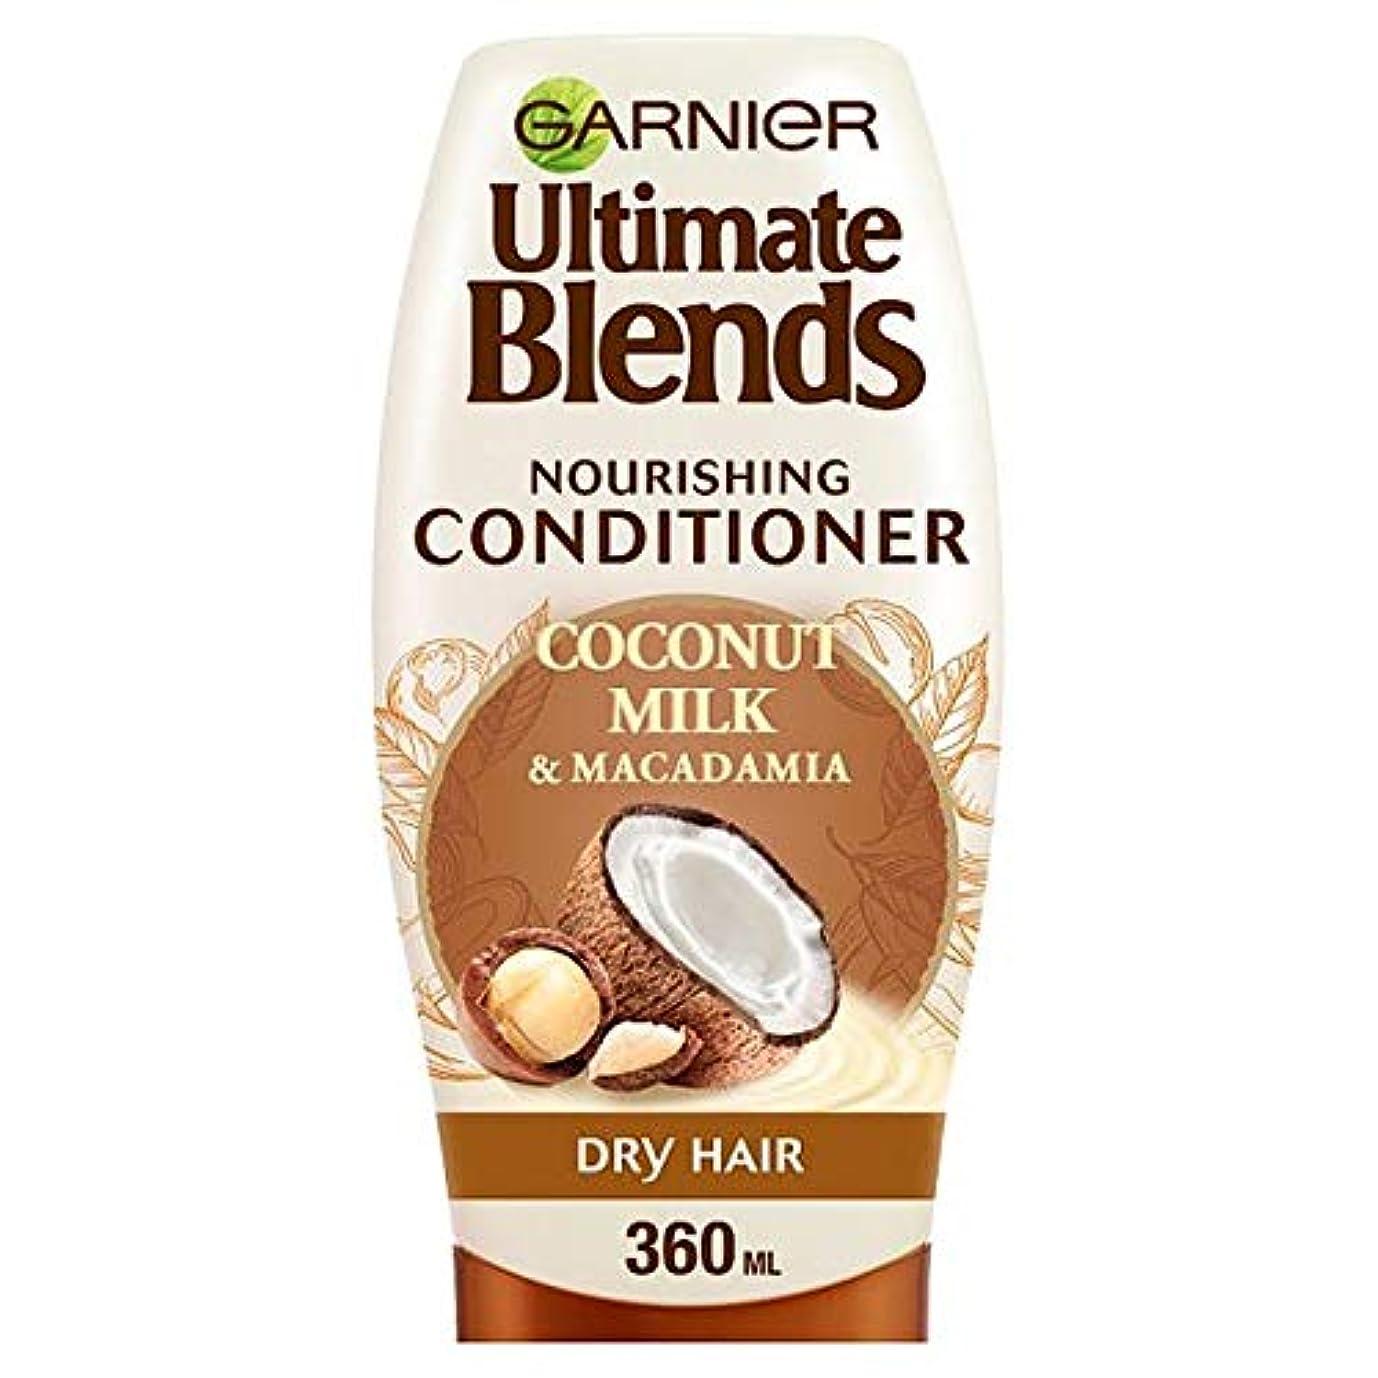 疲労記念日半径[Garnier] ガルニエ究極のブレンドココナッツミルクコンディショナー乾燥した髪の360ミリリットル - Garnier Ultimate Blends Coconut Milk Conditioner Dry Hair...